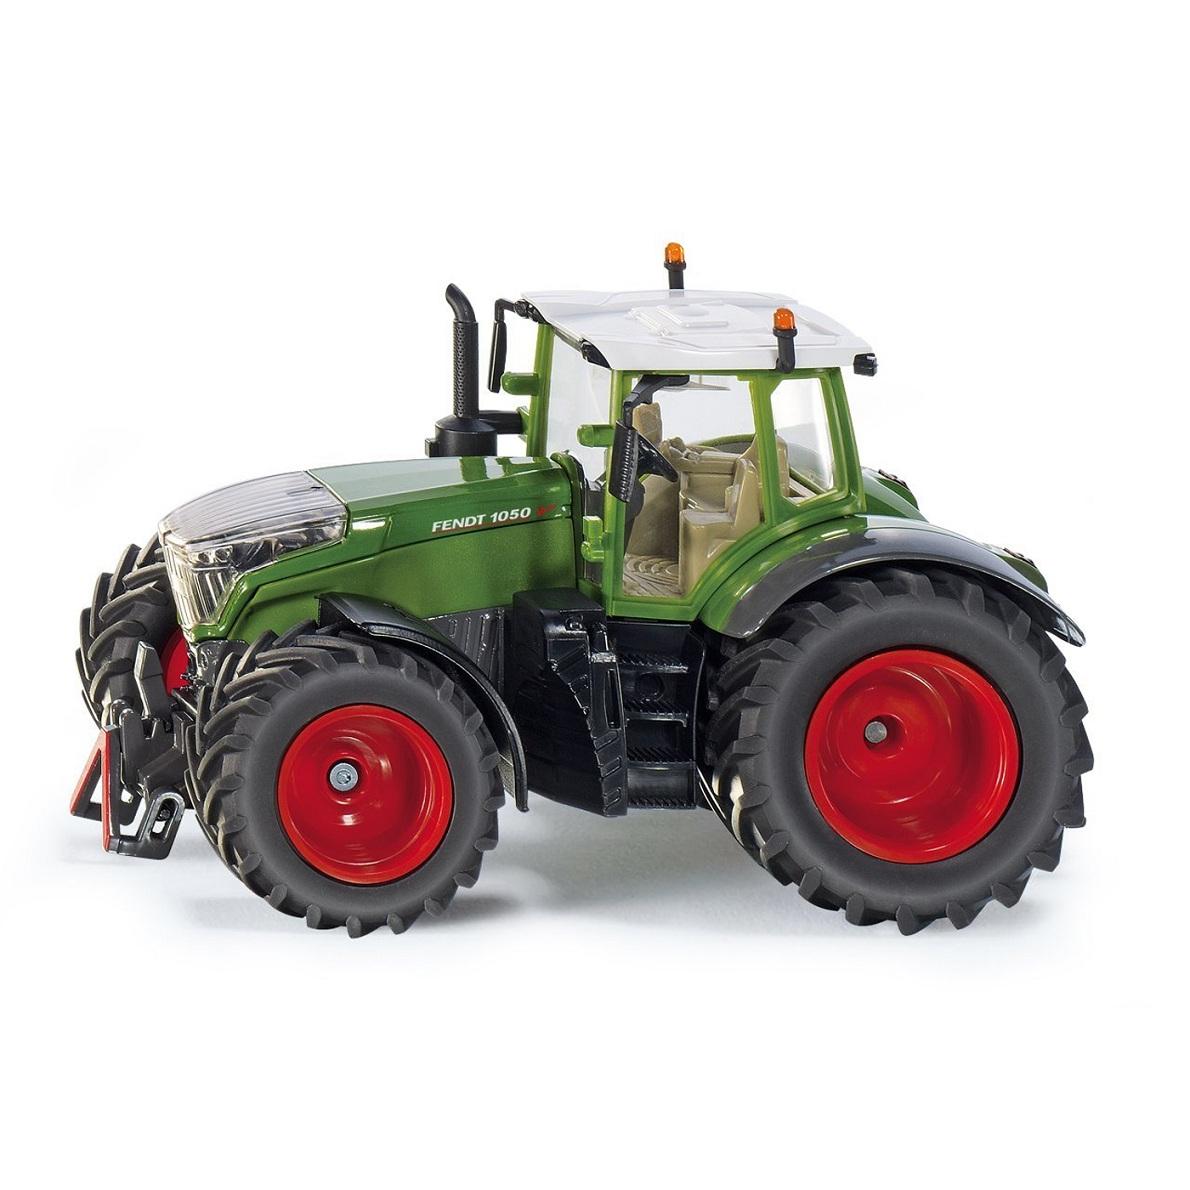 Купить Масштабный сельскохозяйственный трактор, 1:32, Siku